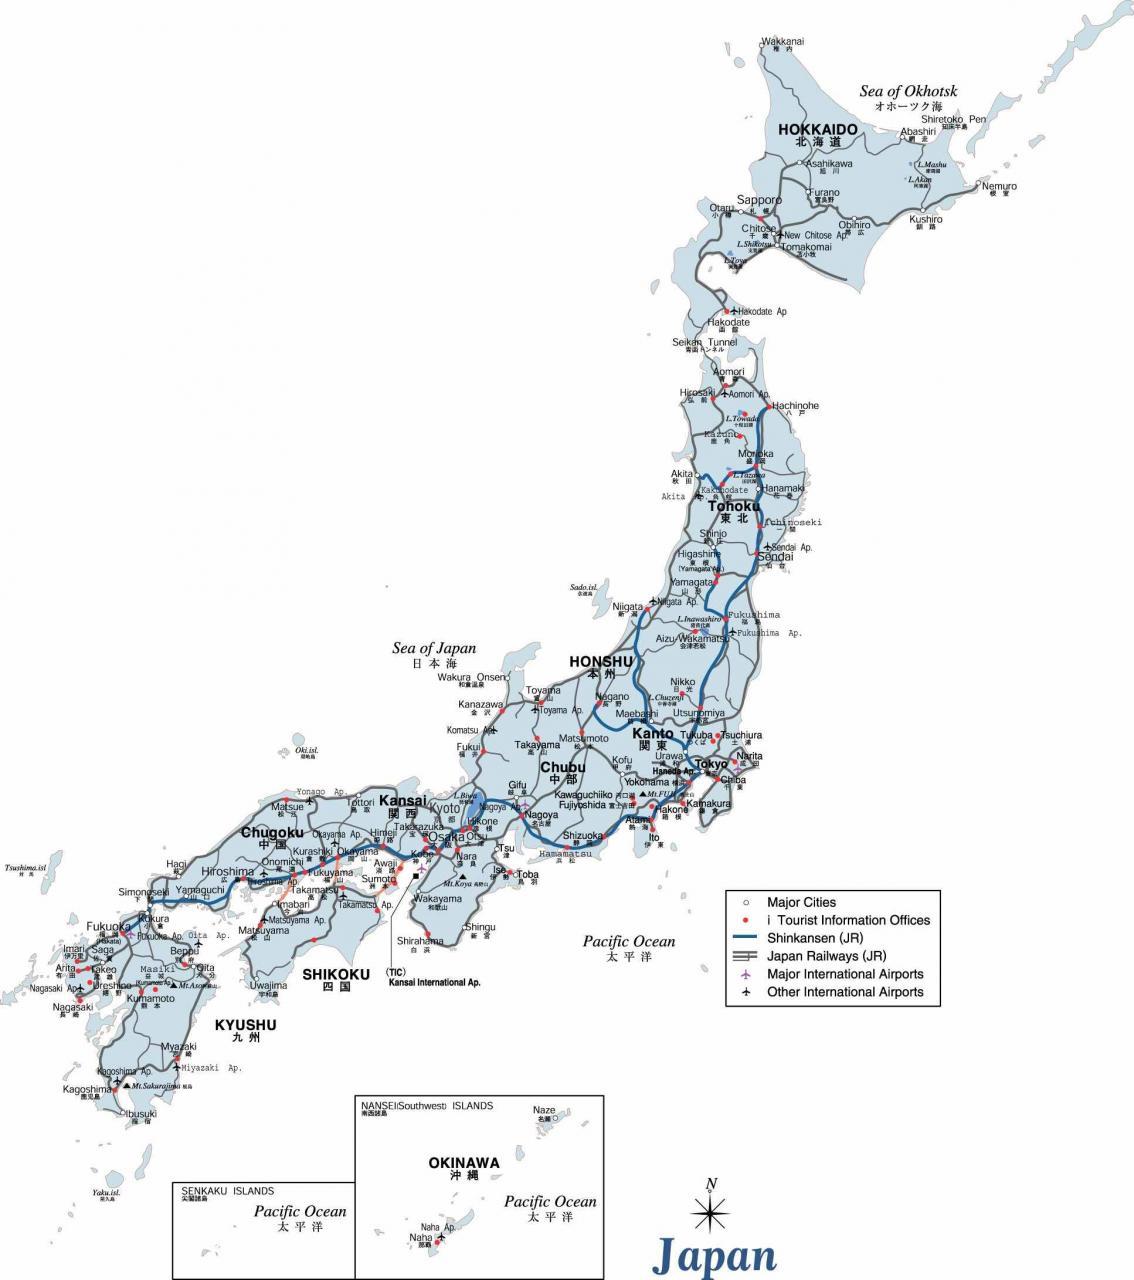 خريطة اليابان السياسية و الإدارية